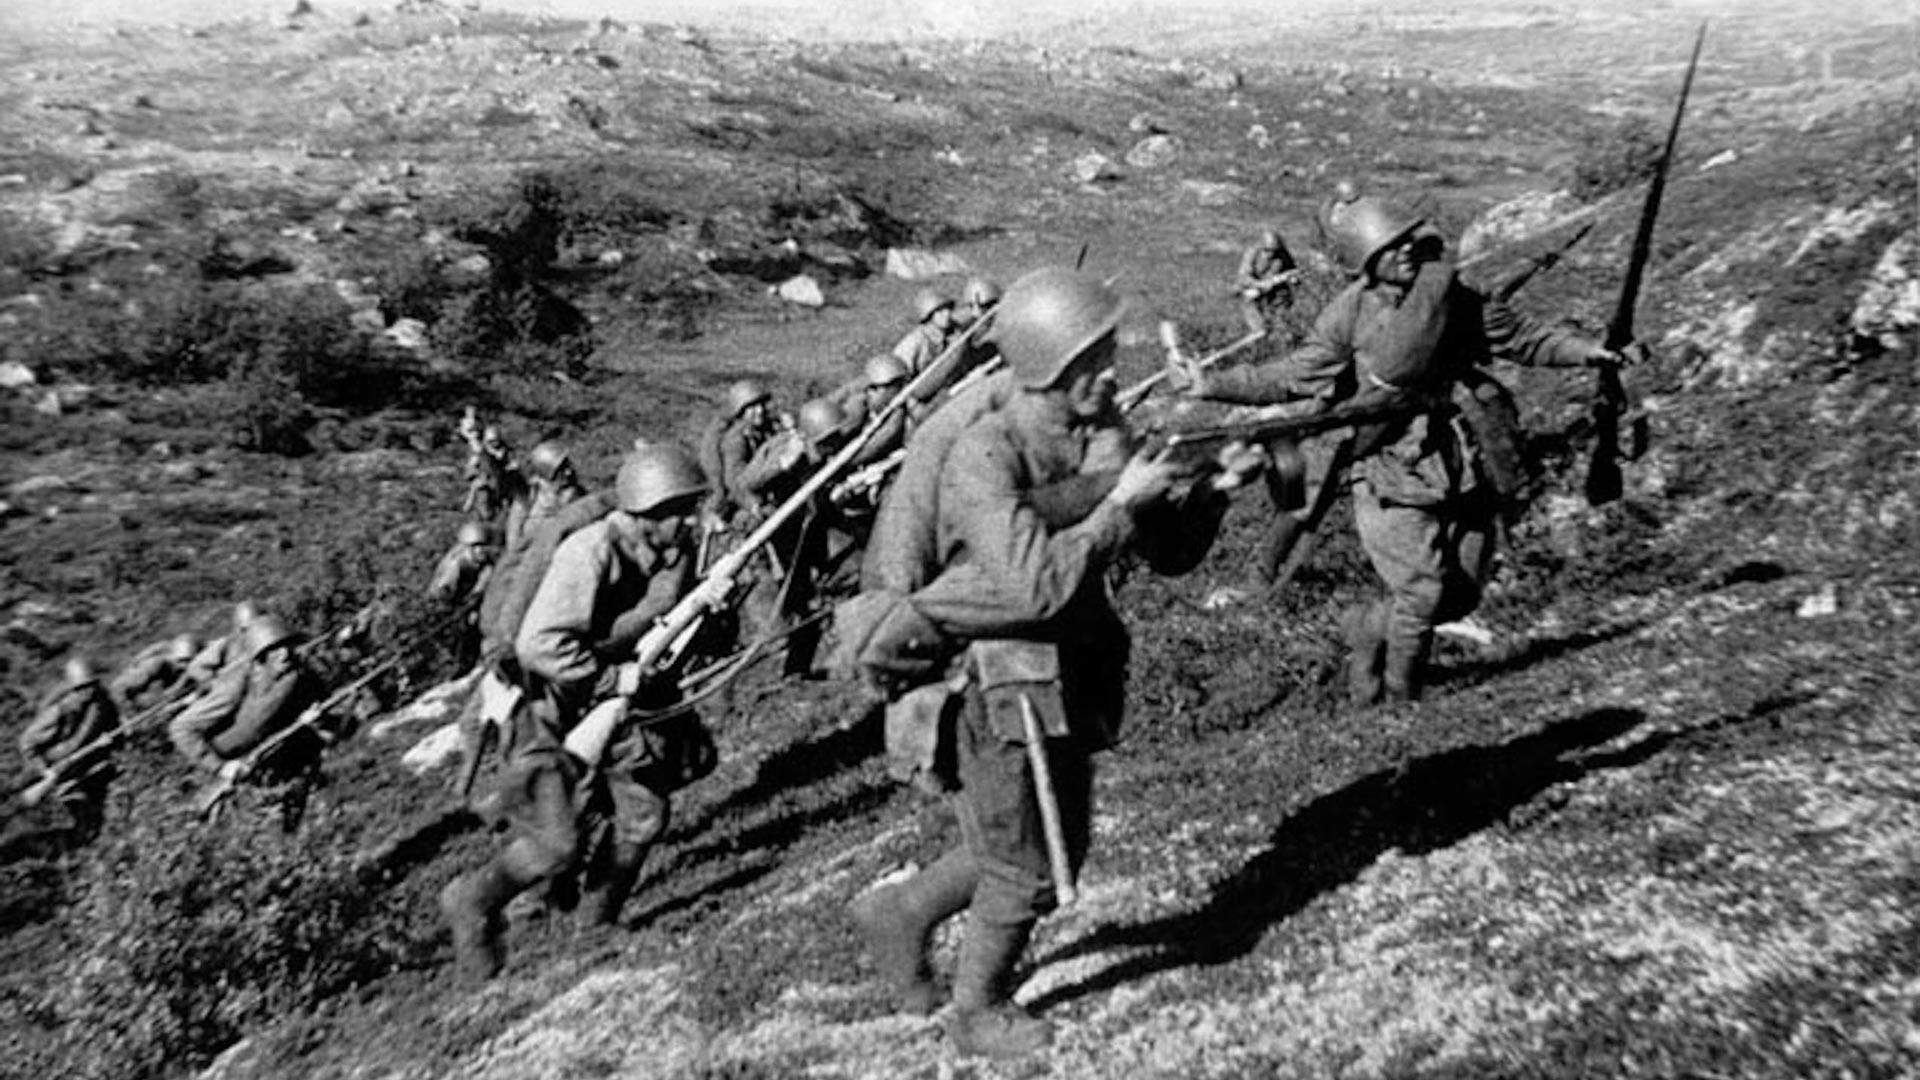 Ruski vojnici u ofenzivnoj operaciji Petsamo-Kirkenes 1944. godine.